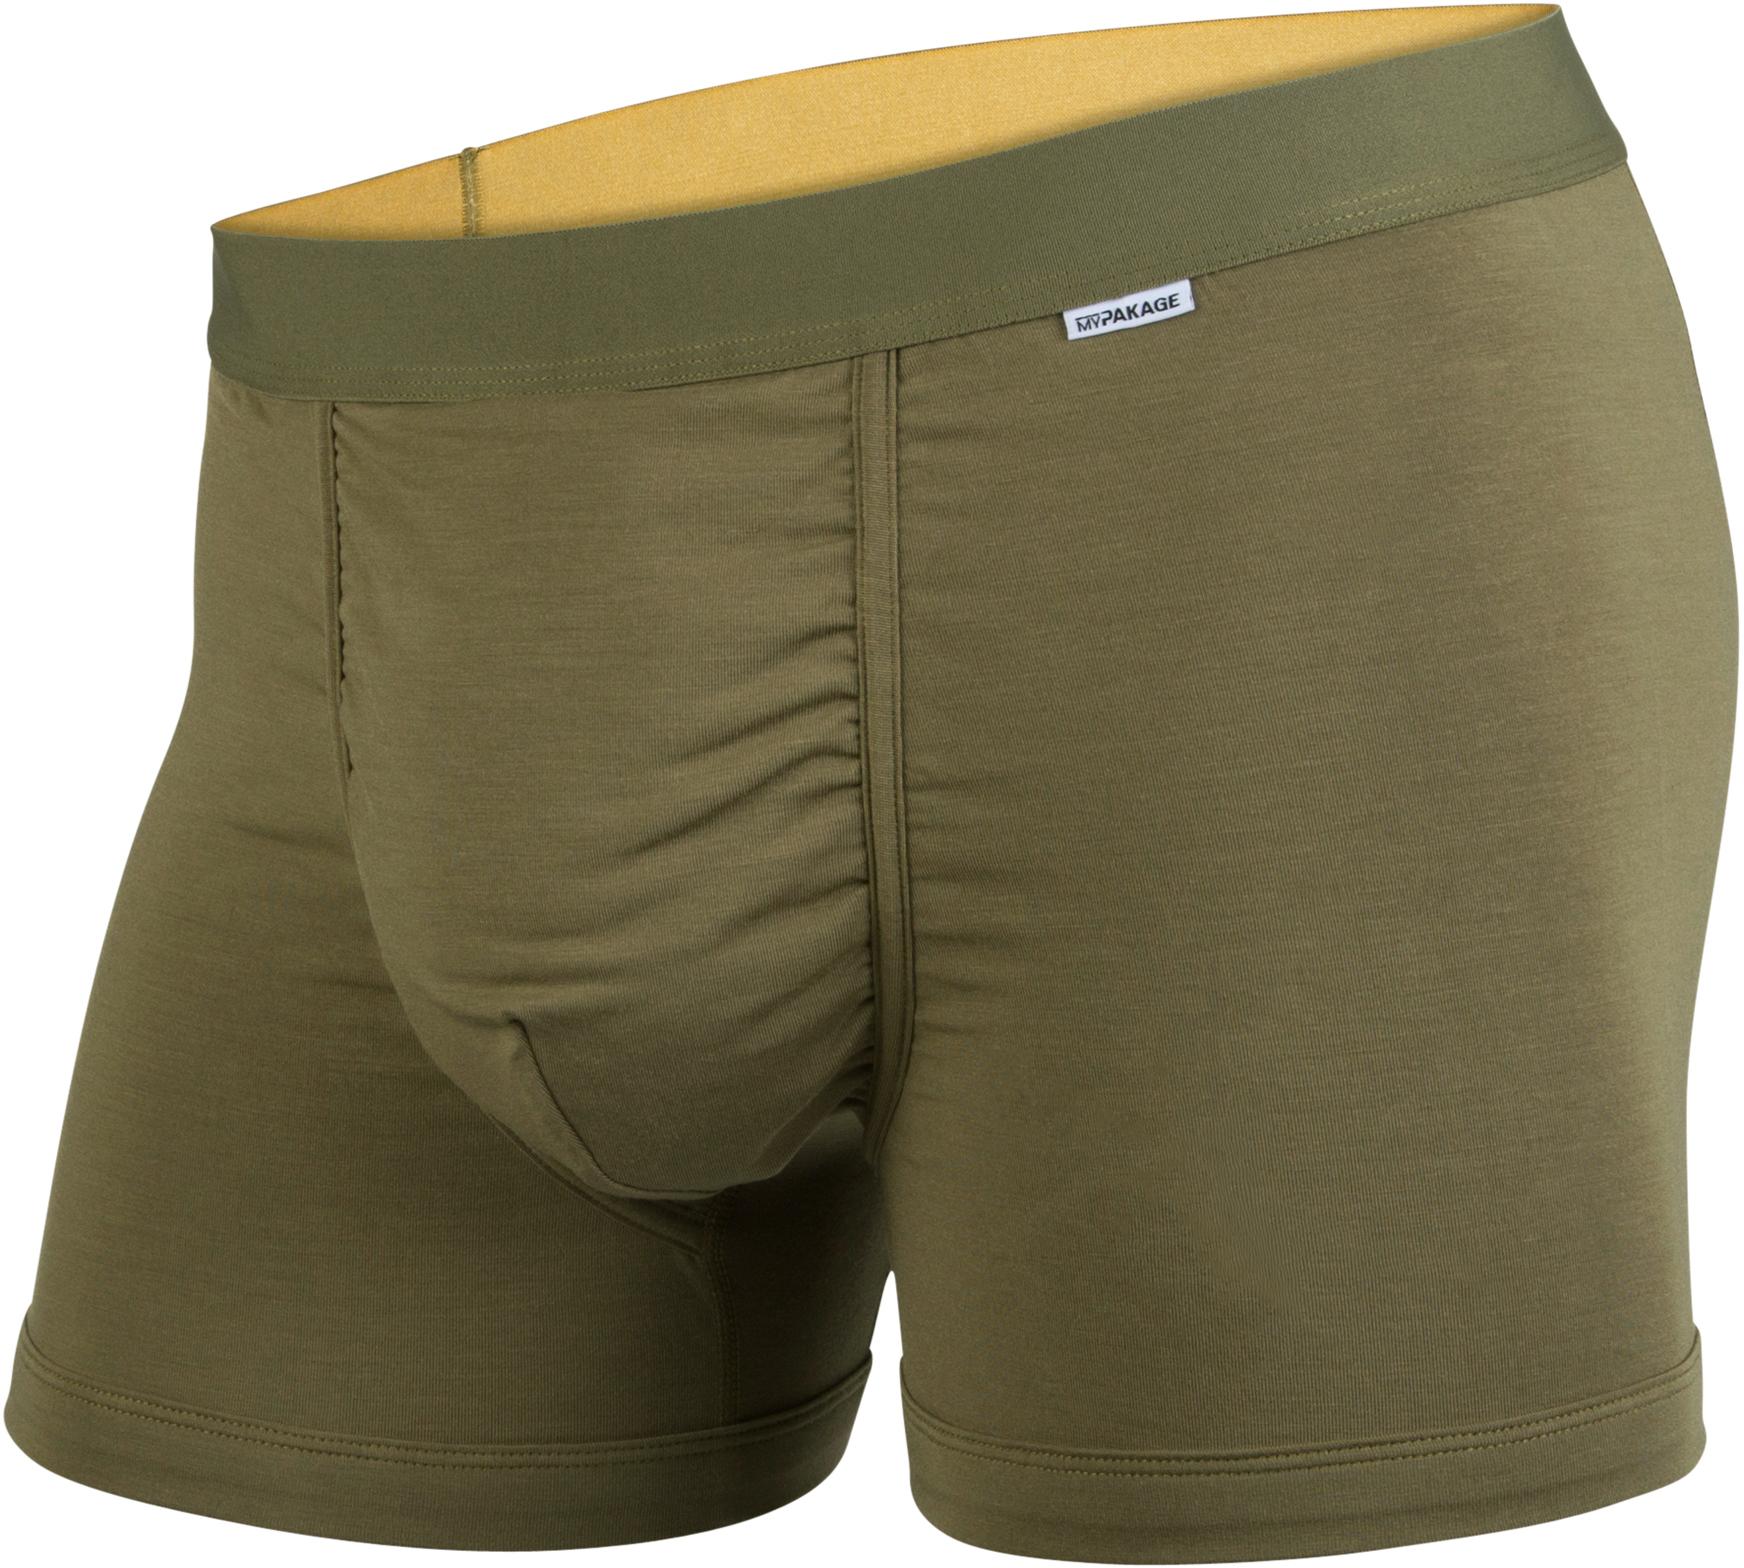 Clothing, Shoes & Accessories Underwear MyPakage Men's Weekday Trunk Underwear